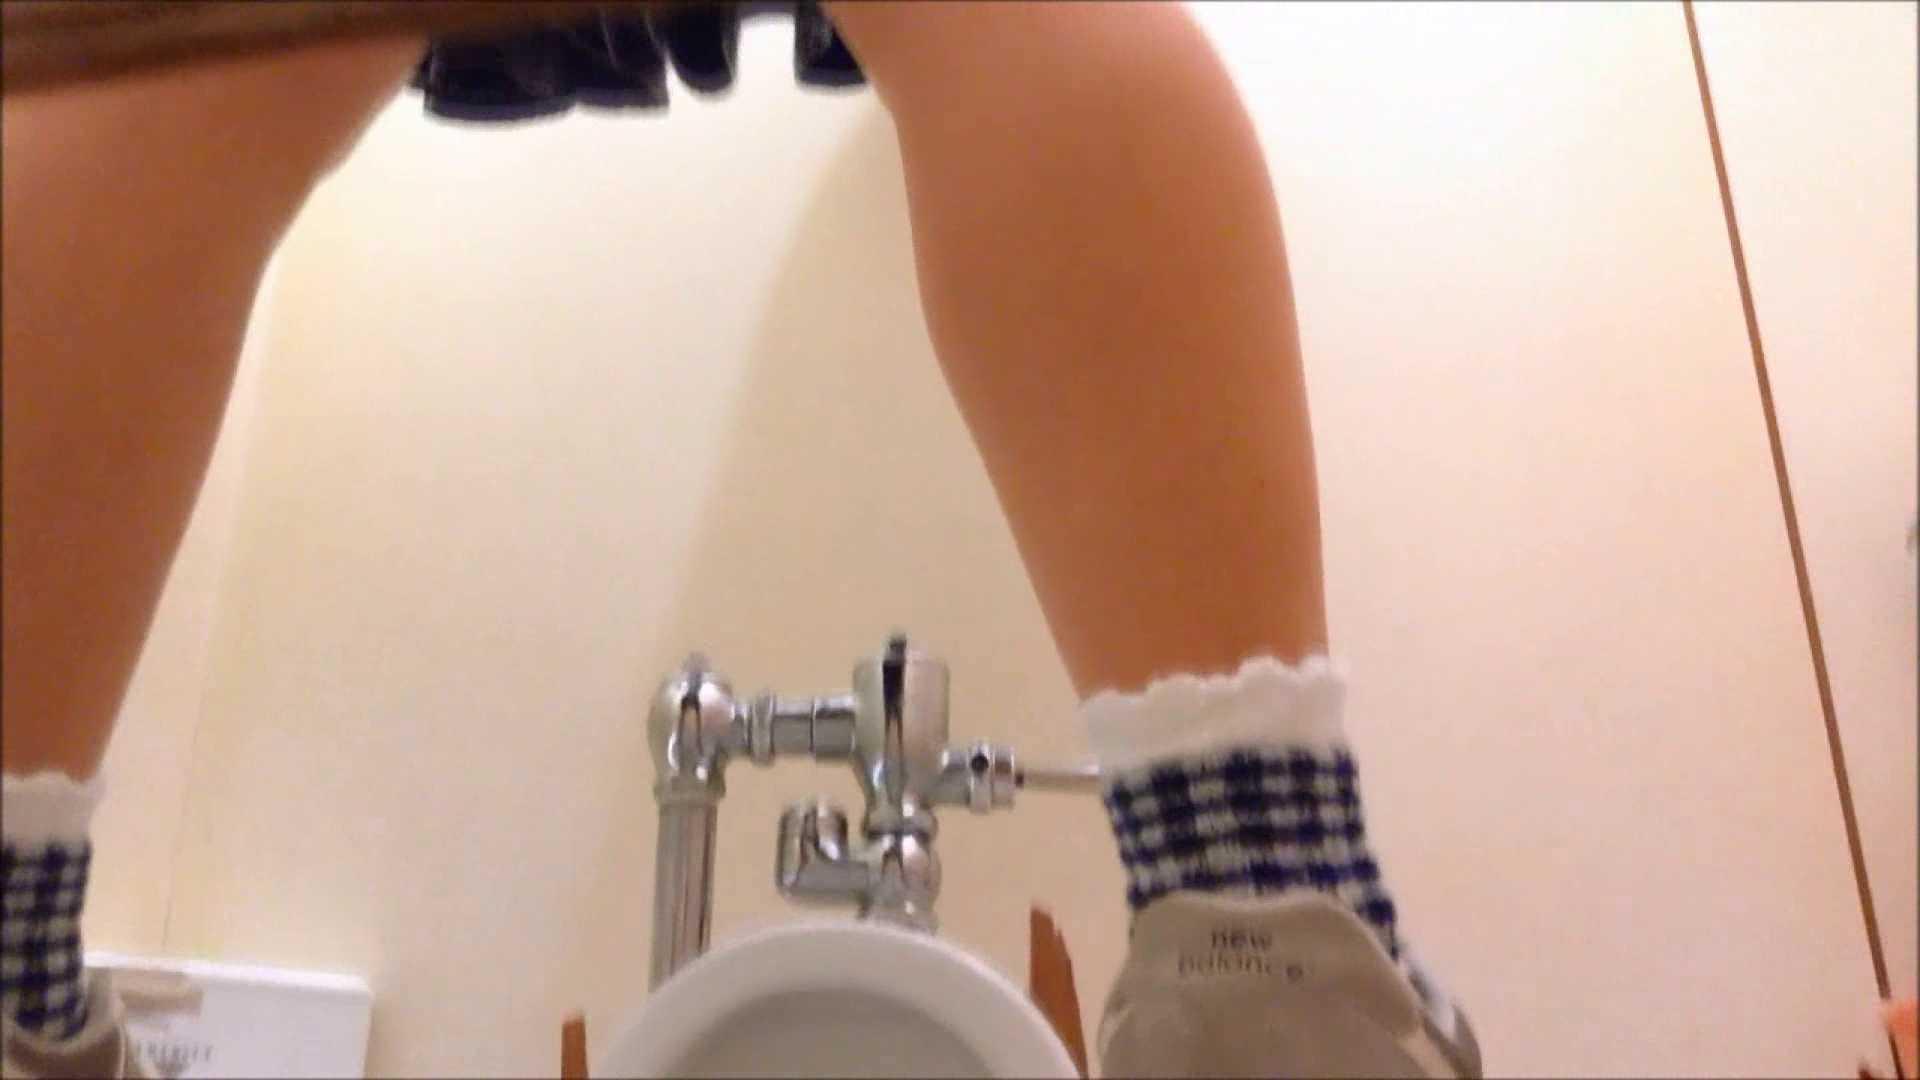 某有名大学女性洗面所 vol.17 和式で踏ん張り中 のぞき動画画像 107連発 89